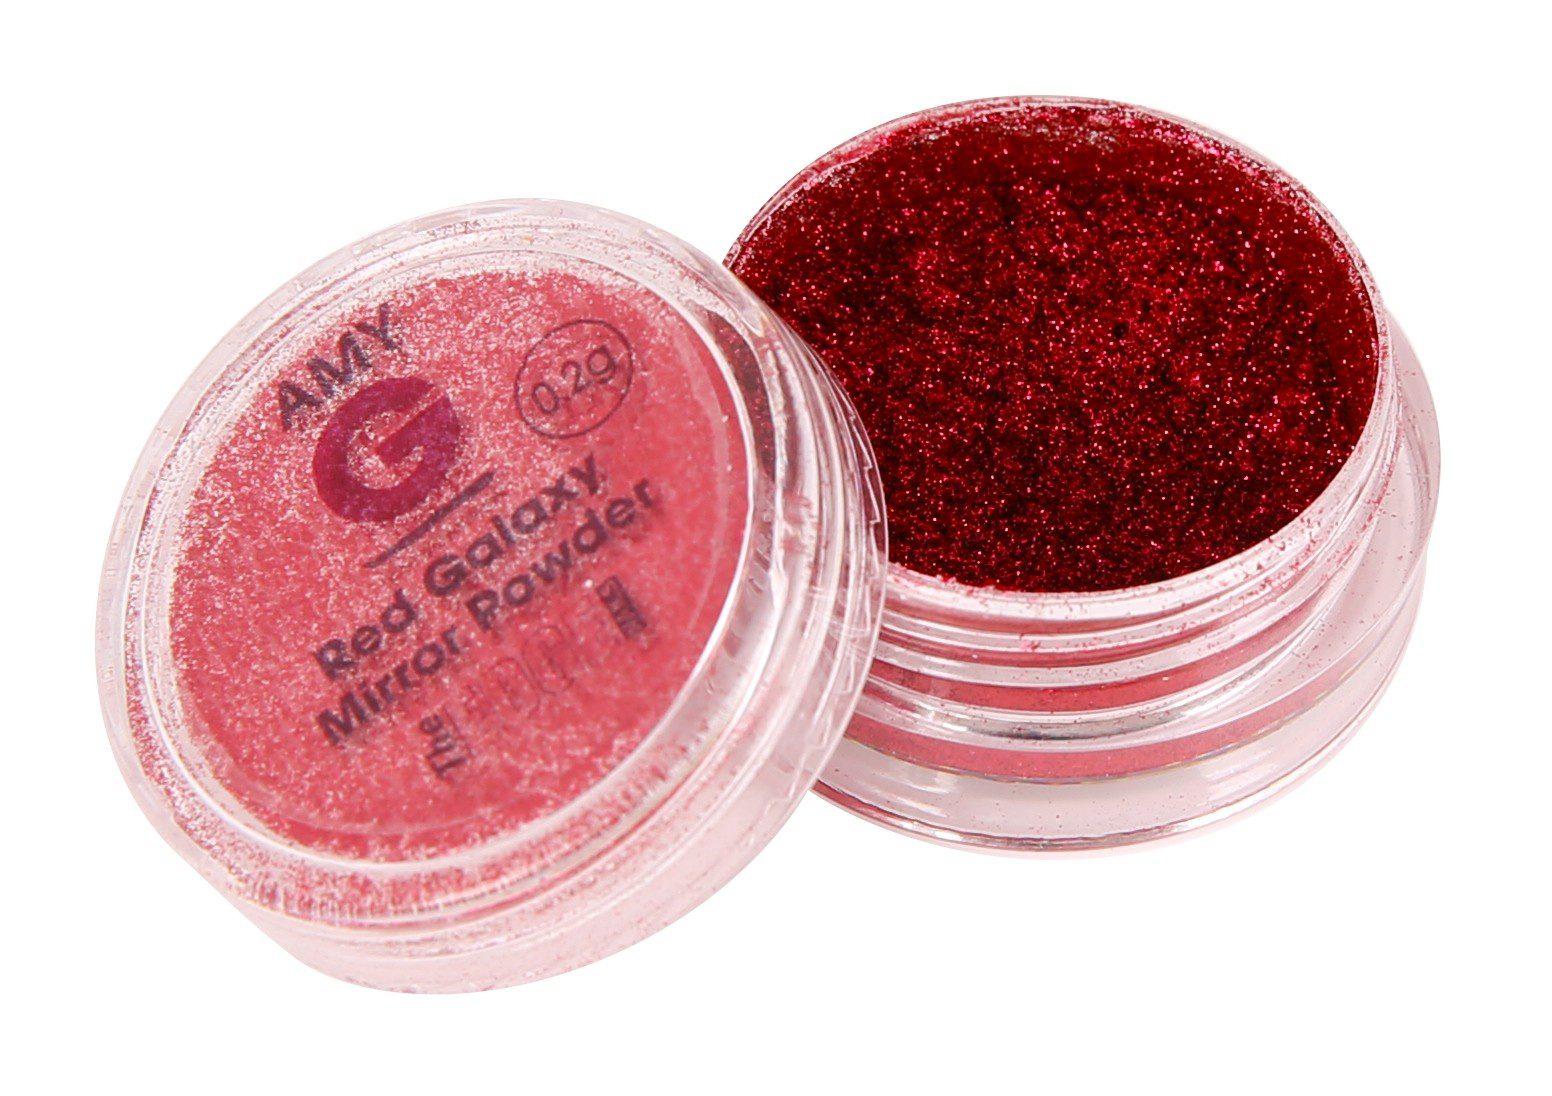 30_03_096_-_red_galaxy_mirror_powder